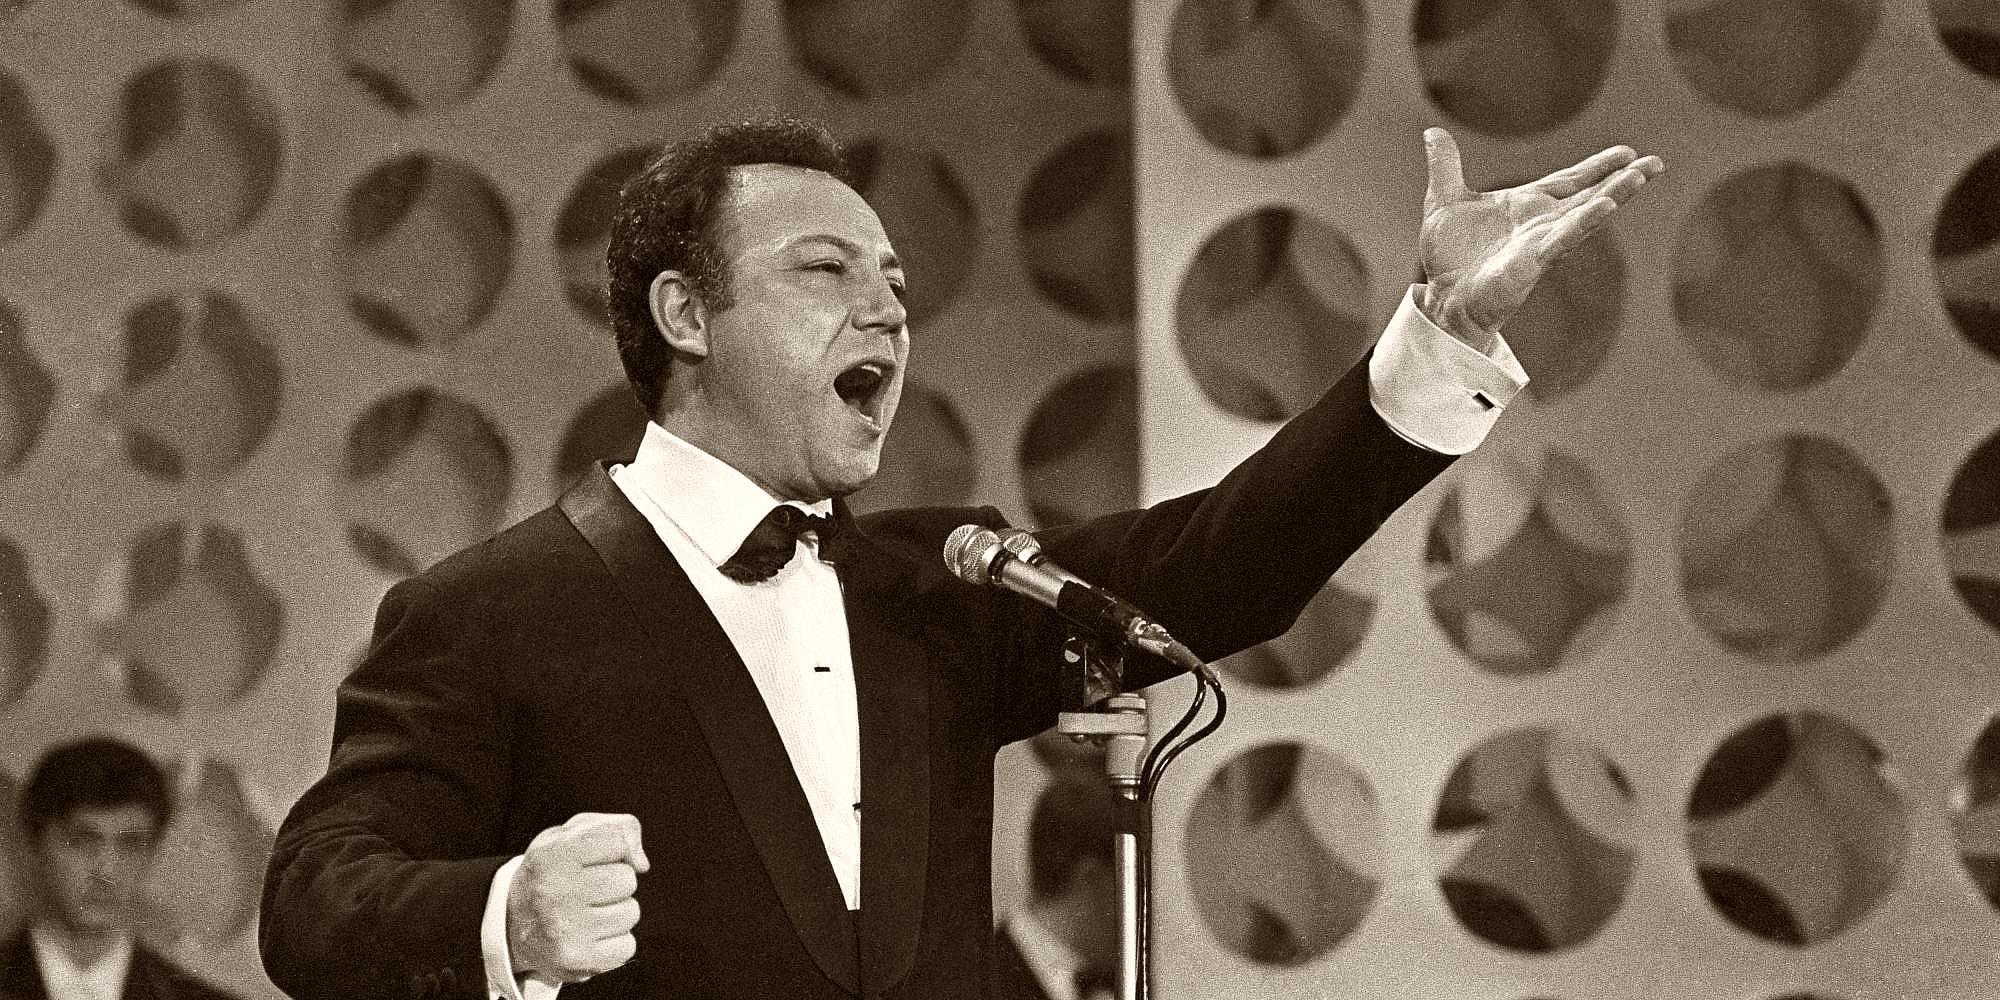 Claudio Villa murió en Padua el 7 de febrero de 1987